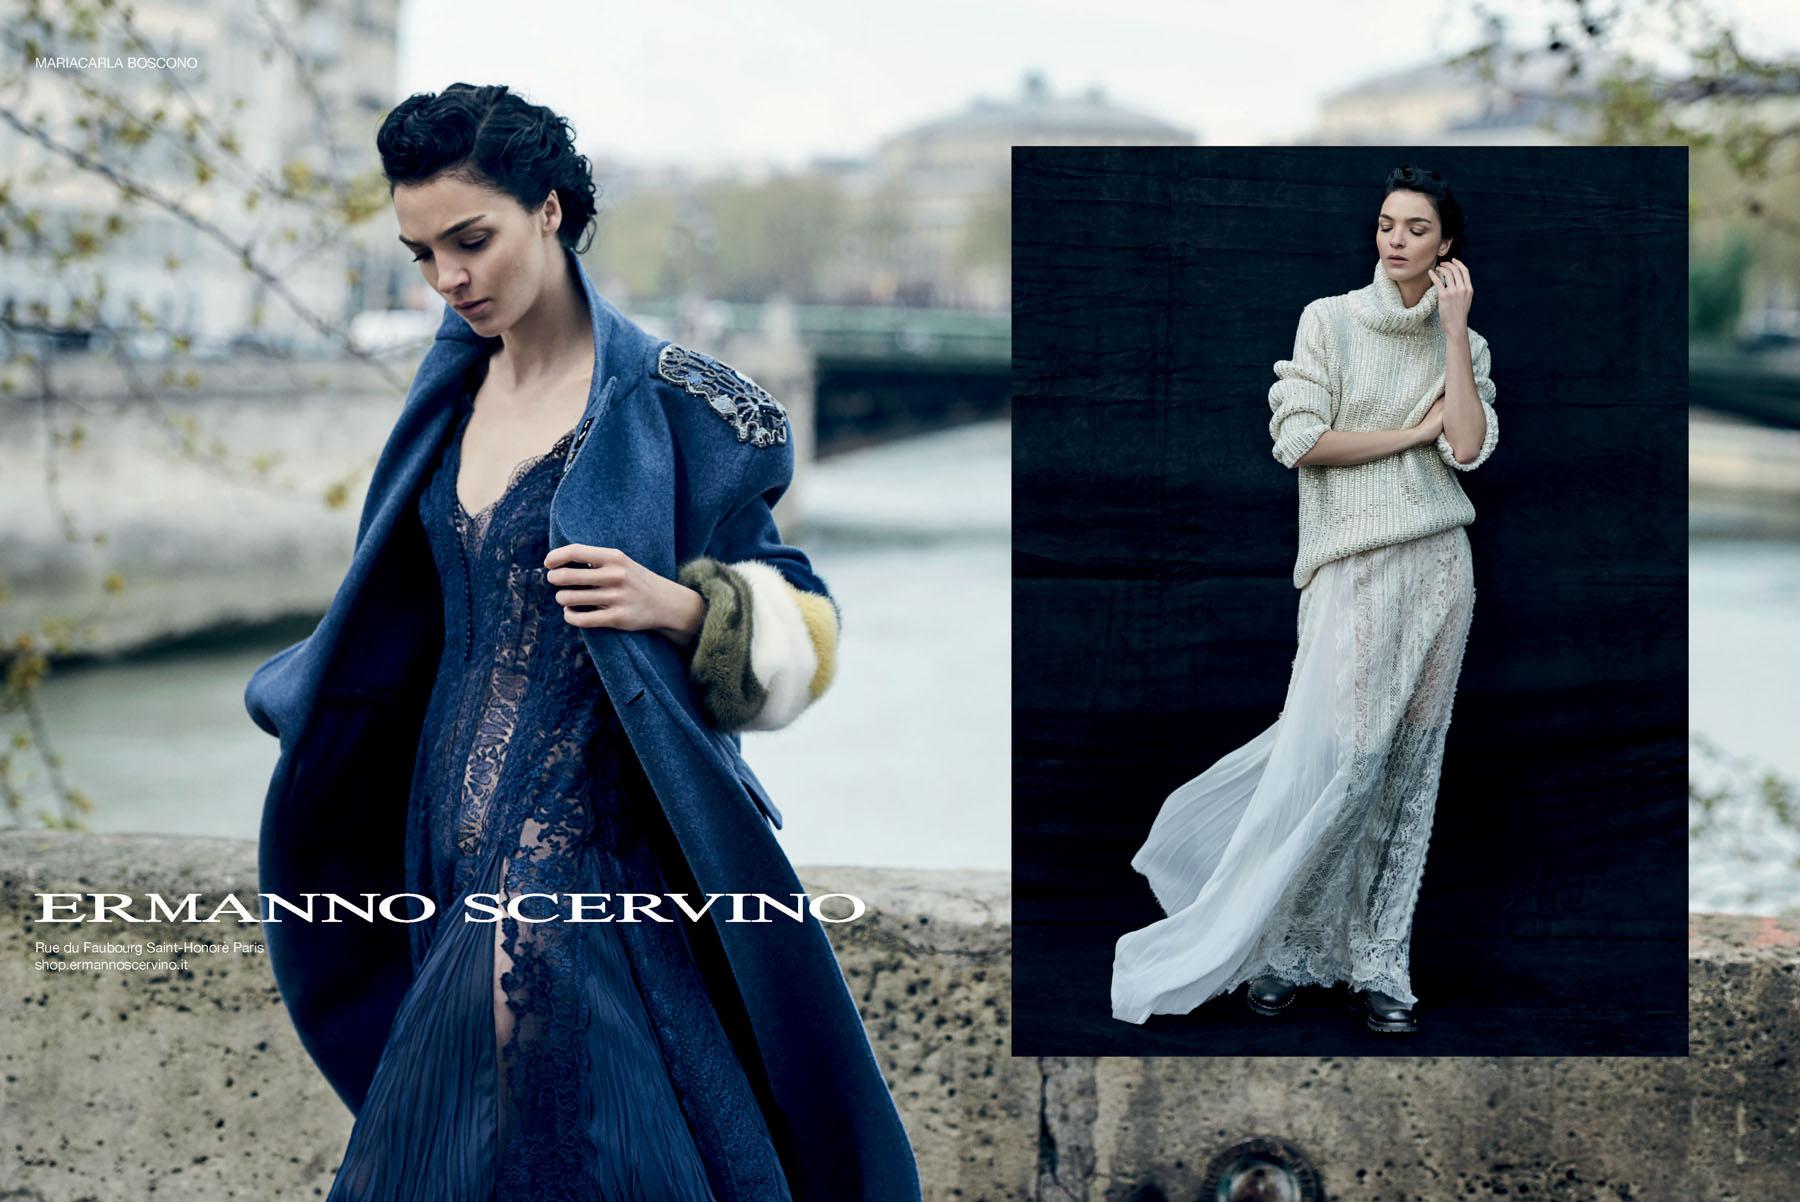 Ermanno-Scervino-fall-2017-ad-campaign-02-1